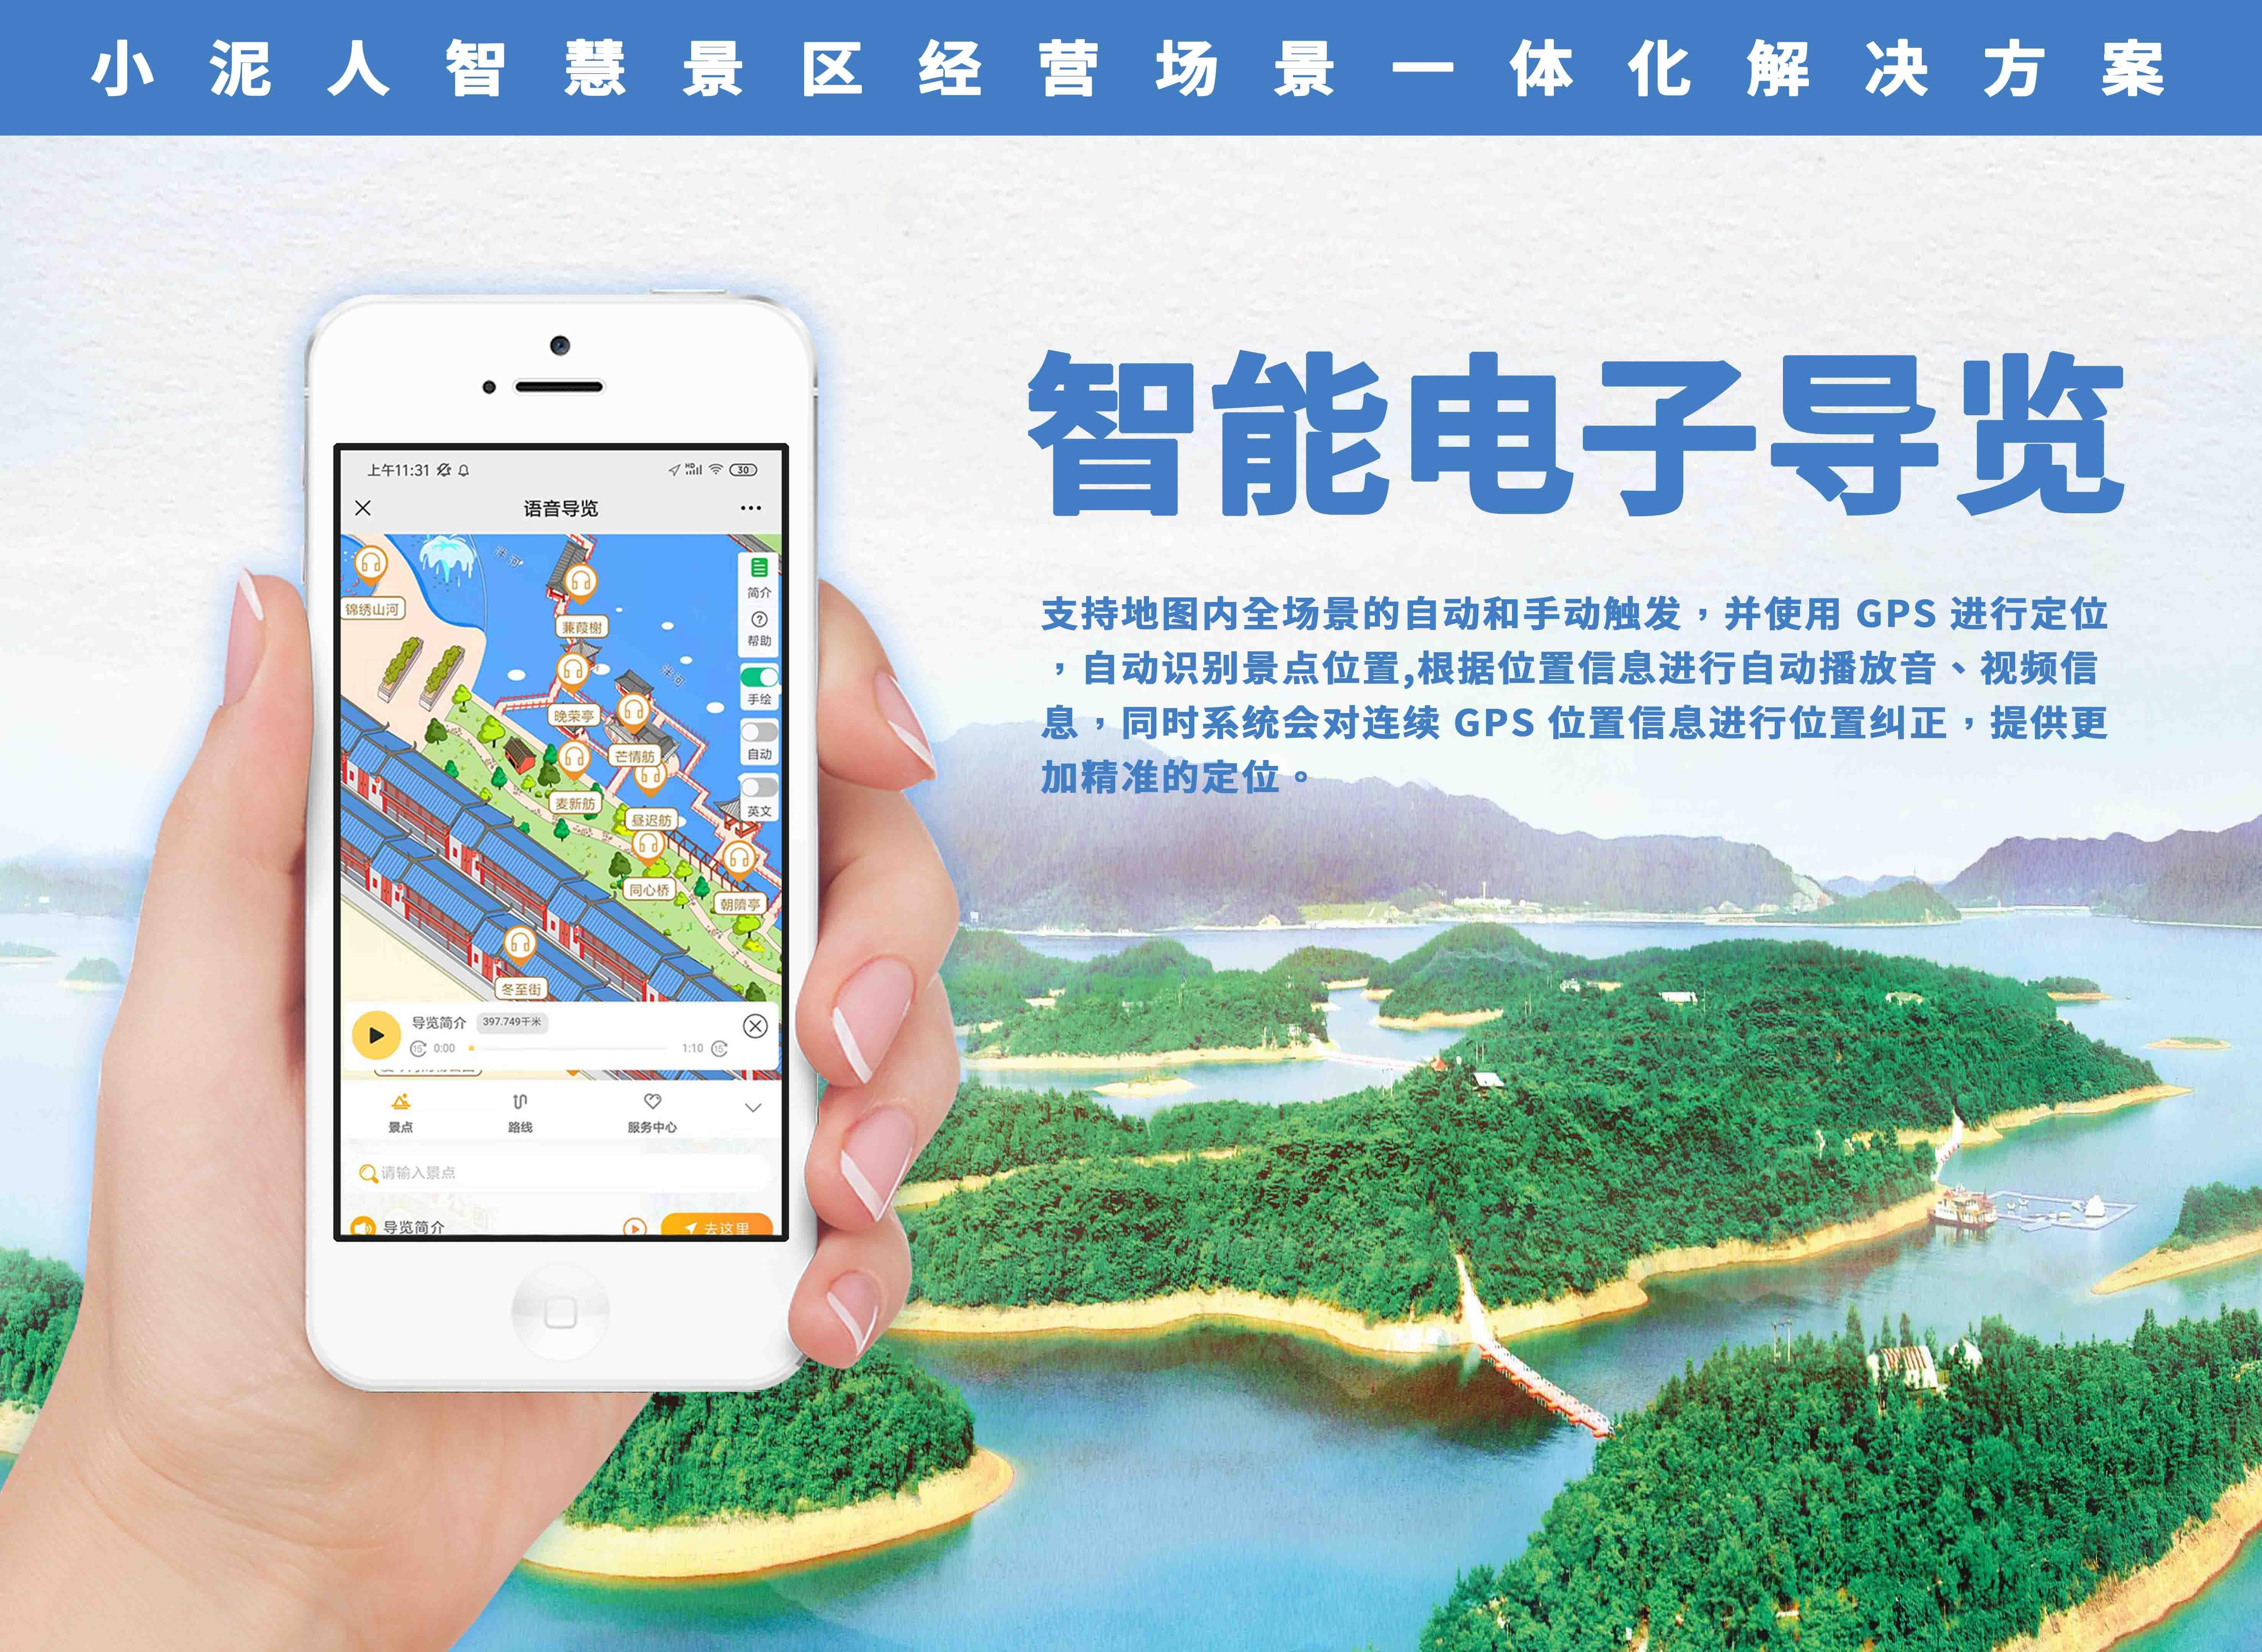 济南动物园电子导览系统,电子语音讲解系统上线.jpg